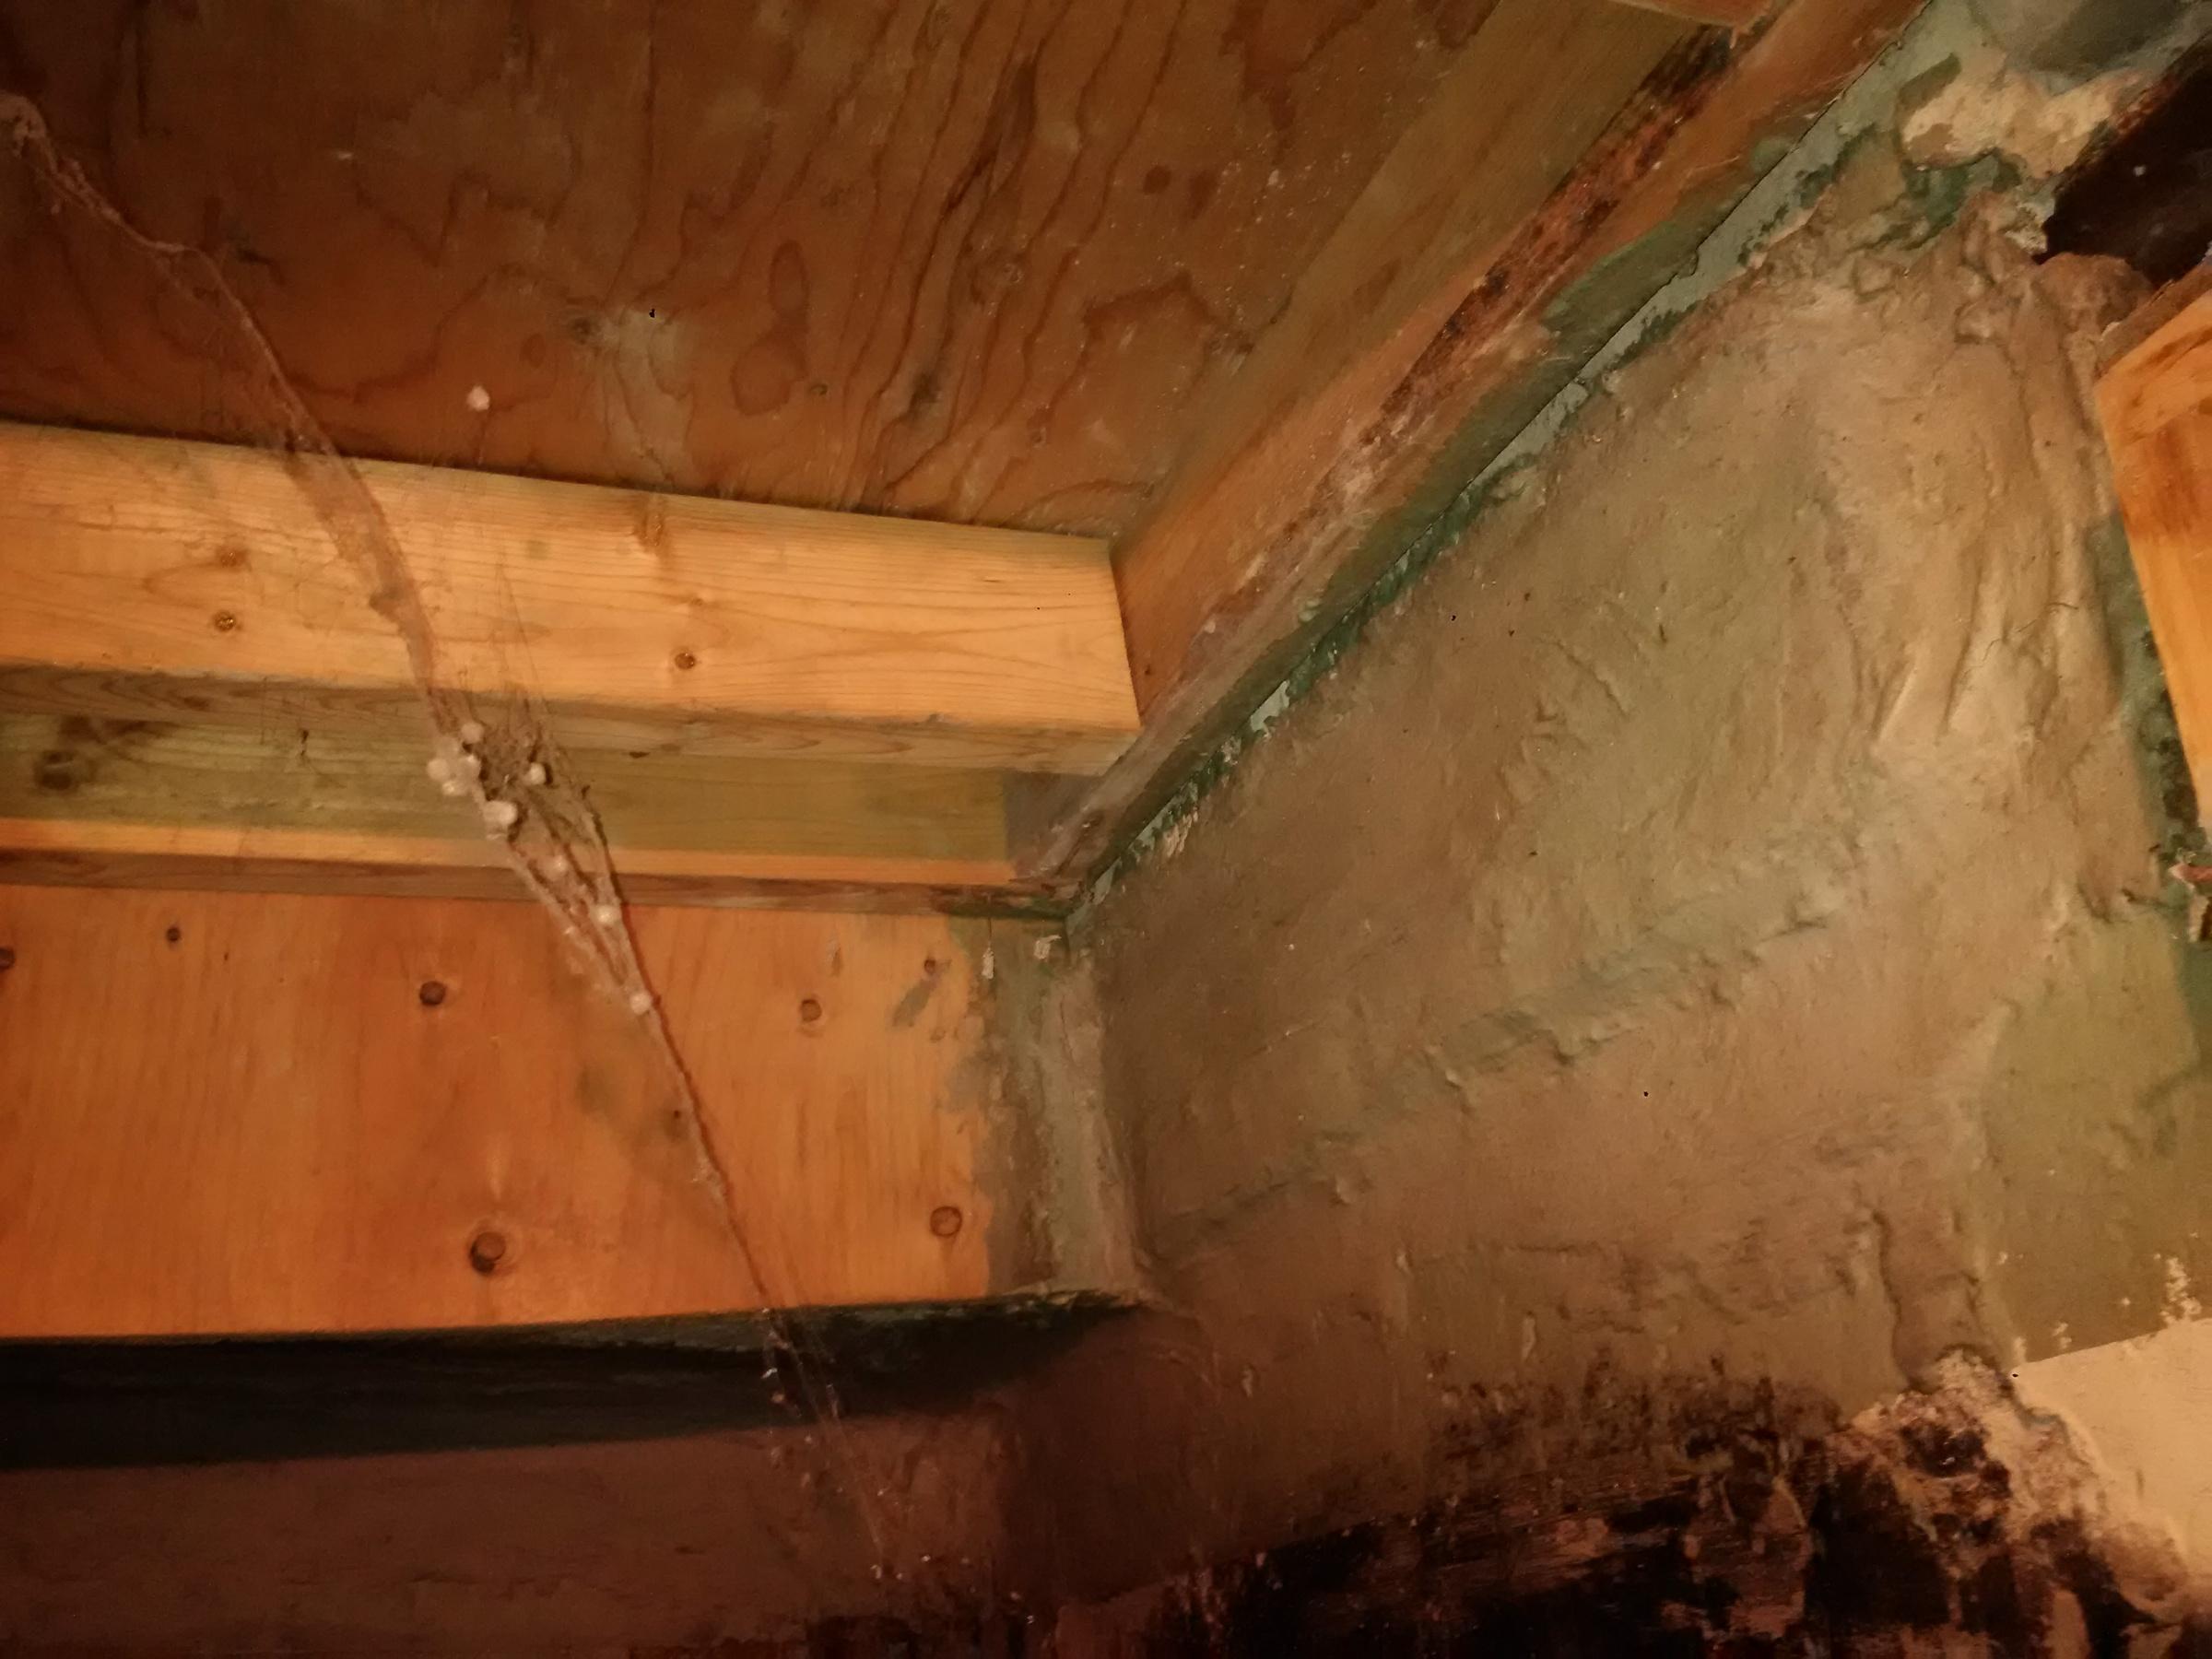 leak over cold room-img_20200628_105944.jpg